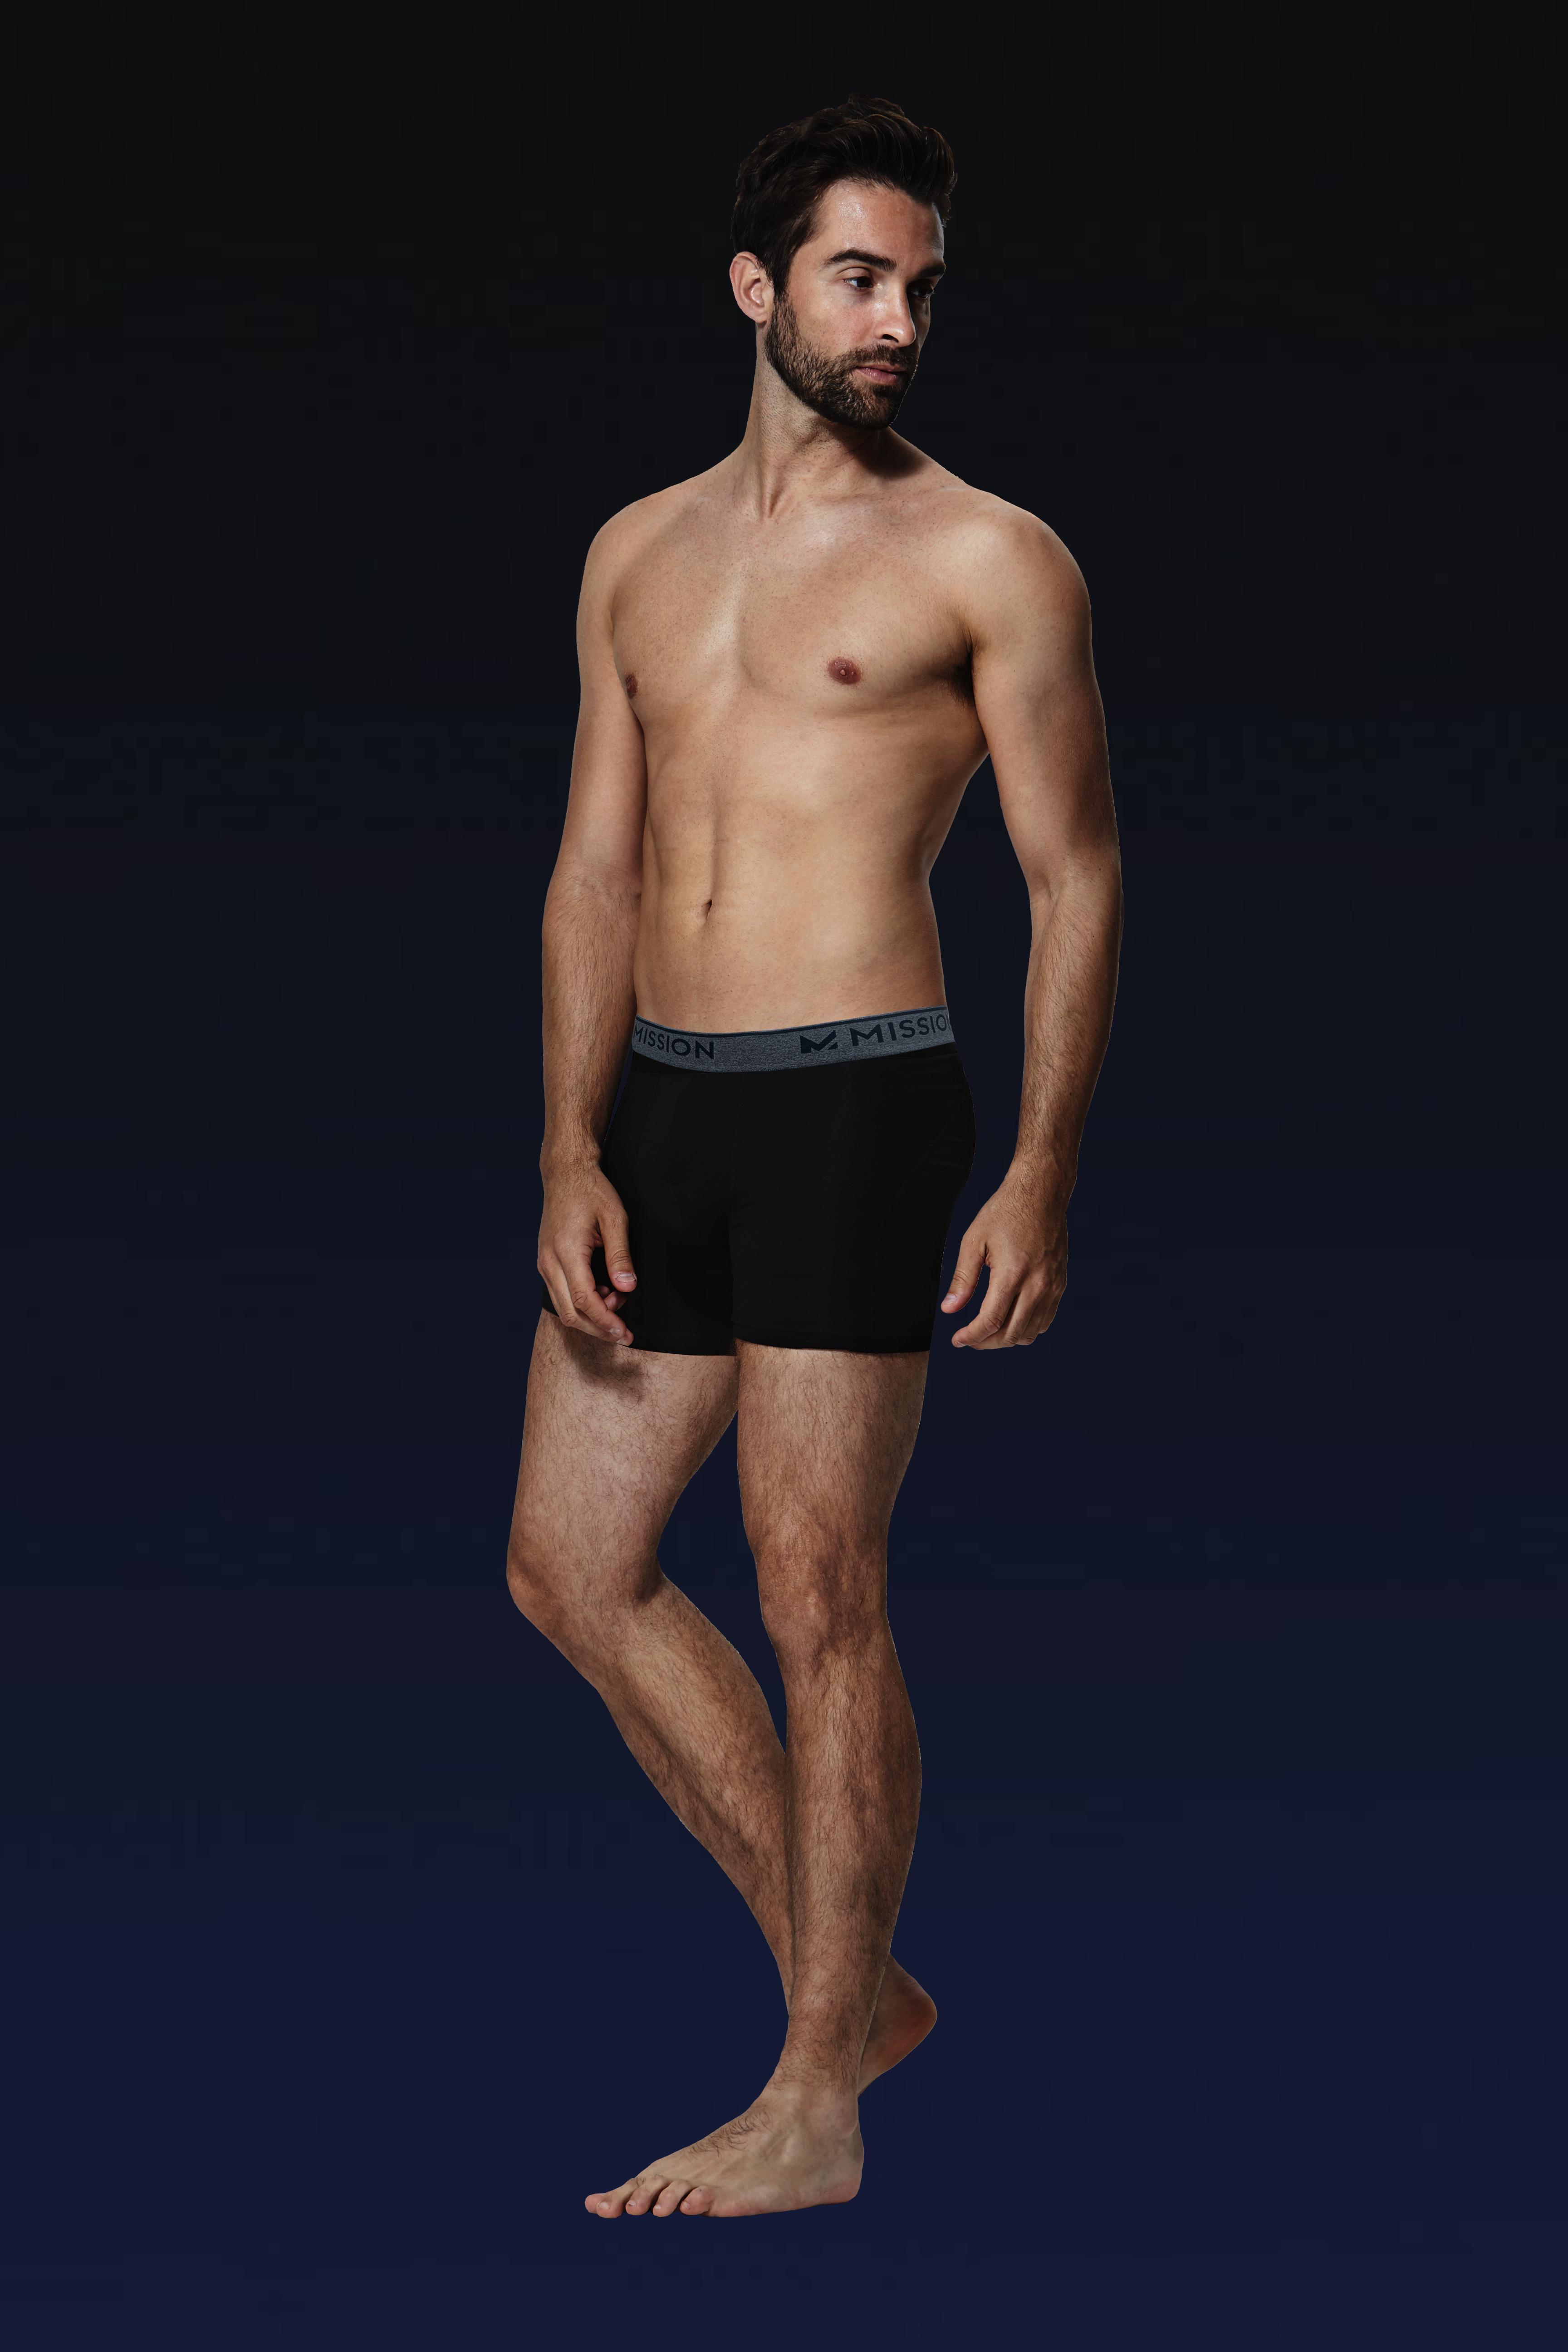 Mission underwear.